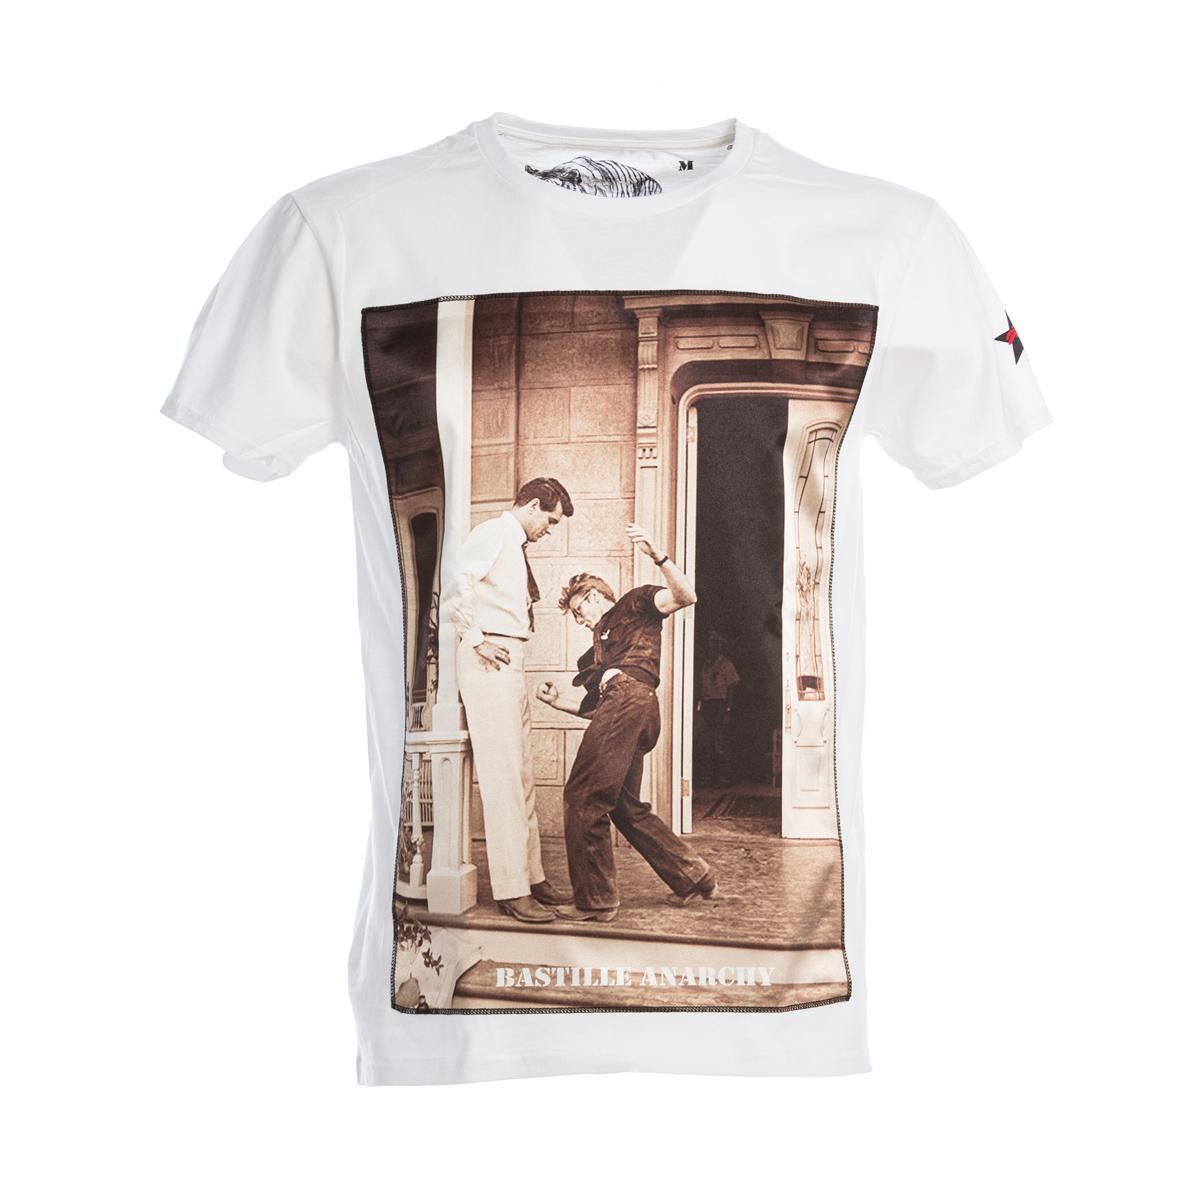 T-Shirt Bastille Bianca Stampa Rissa